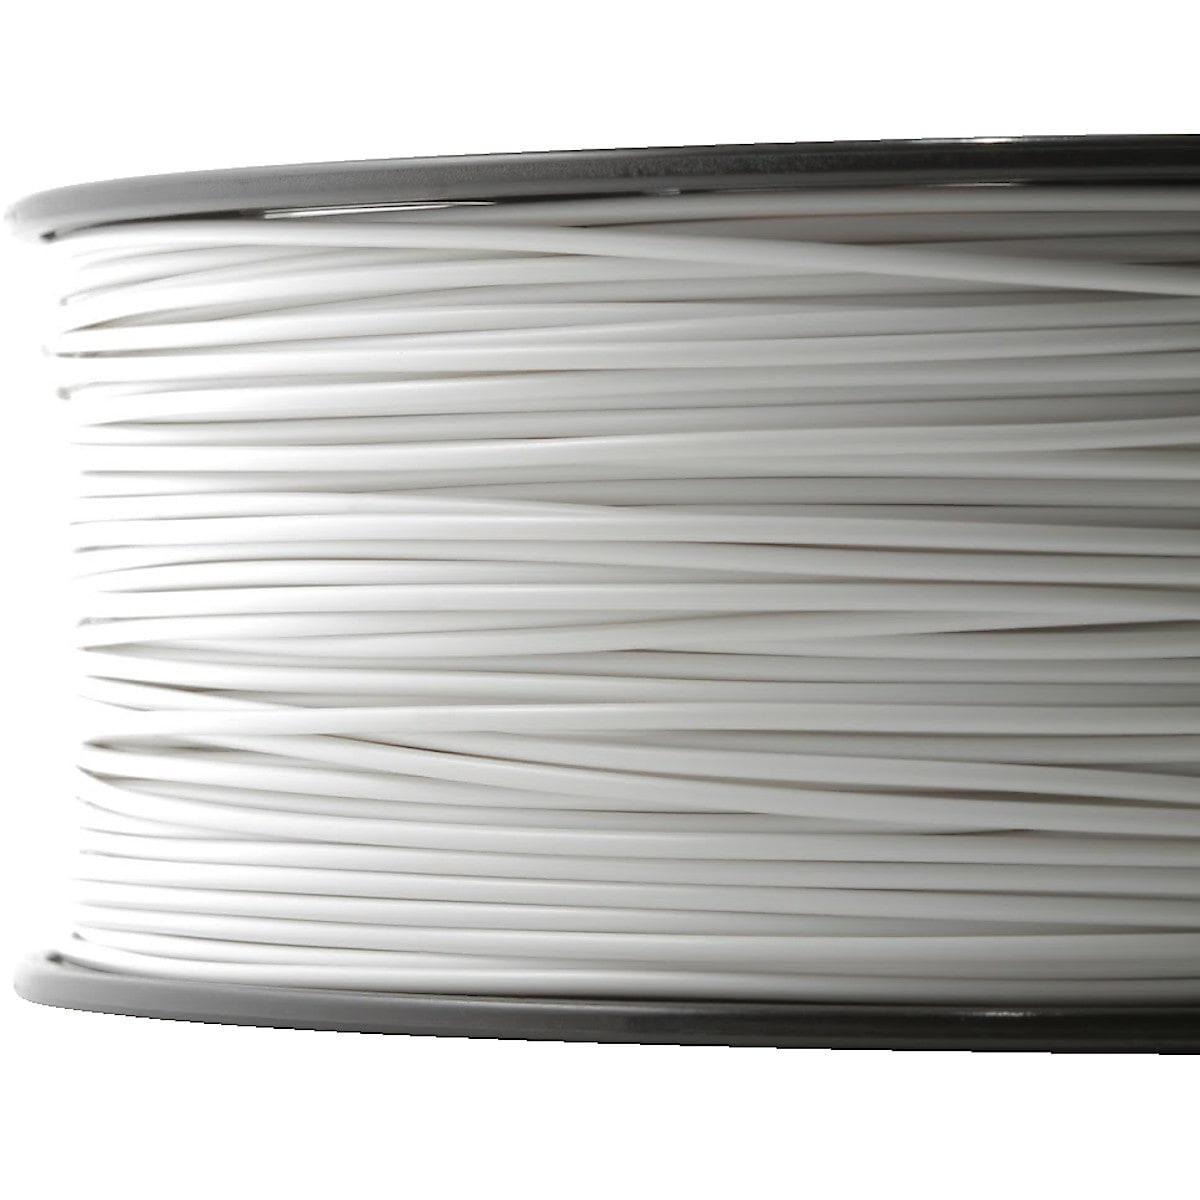 PLA Filament for Robox 3D Printers